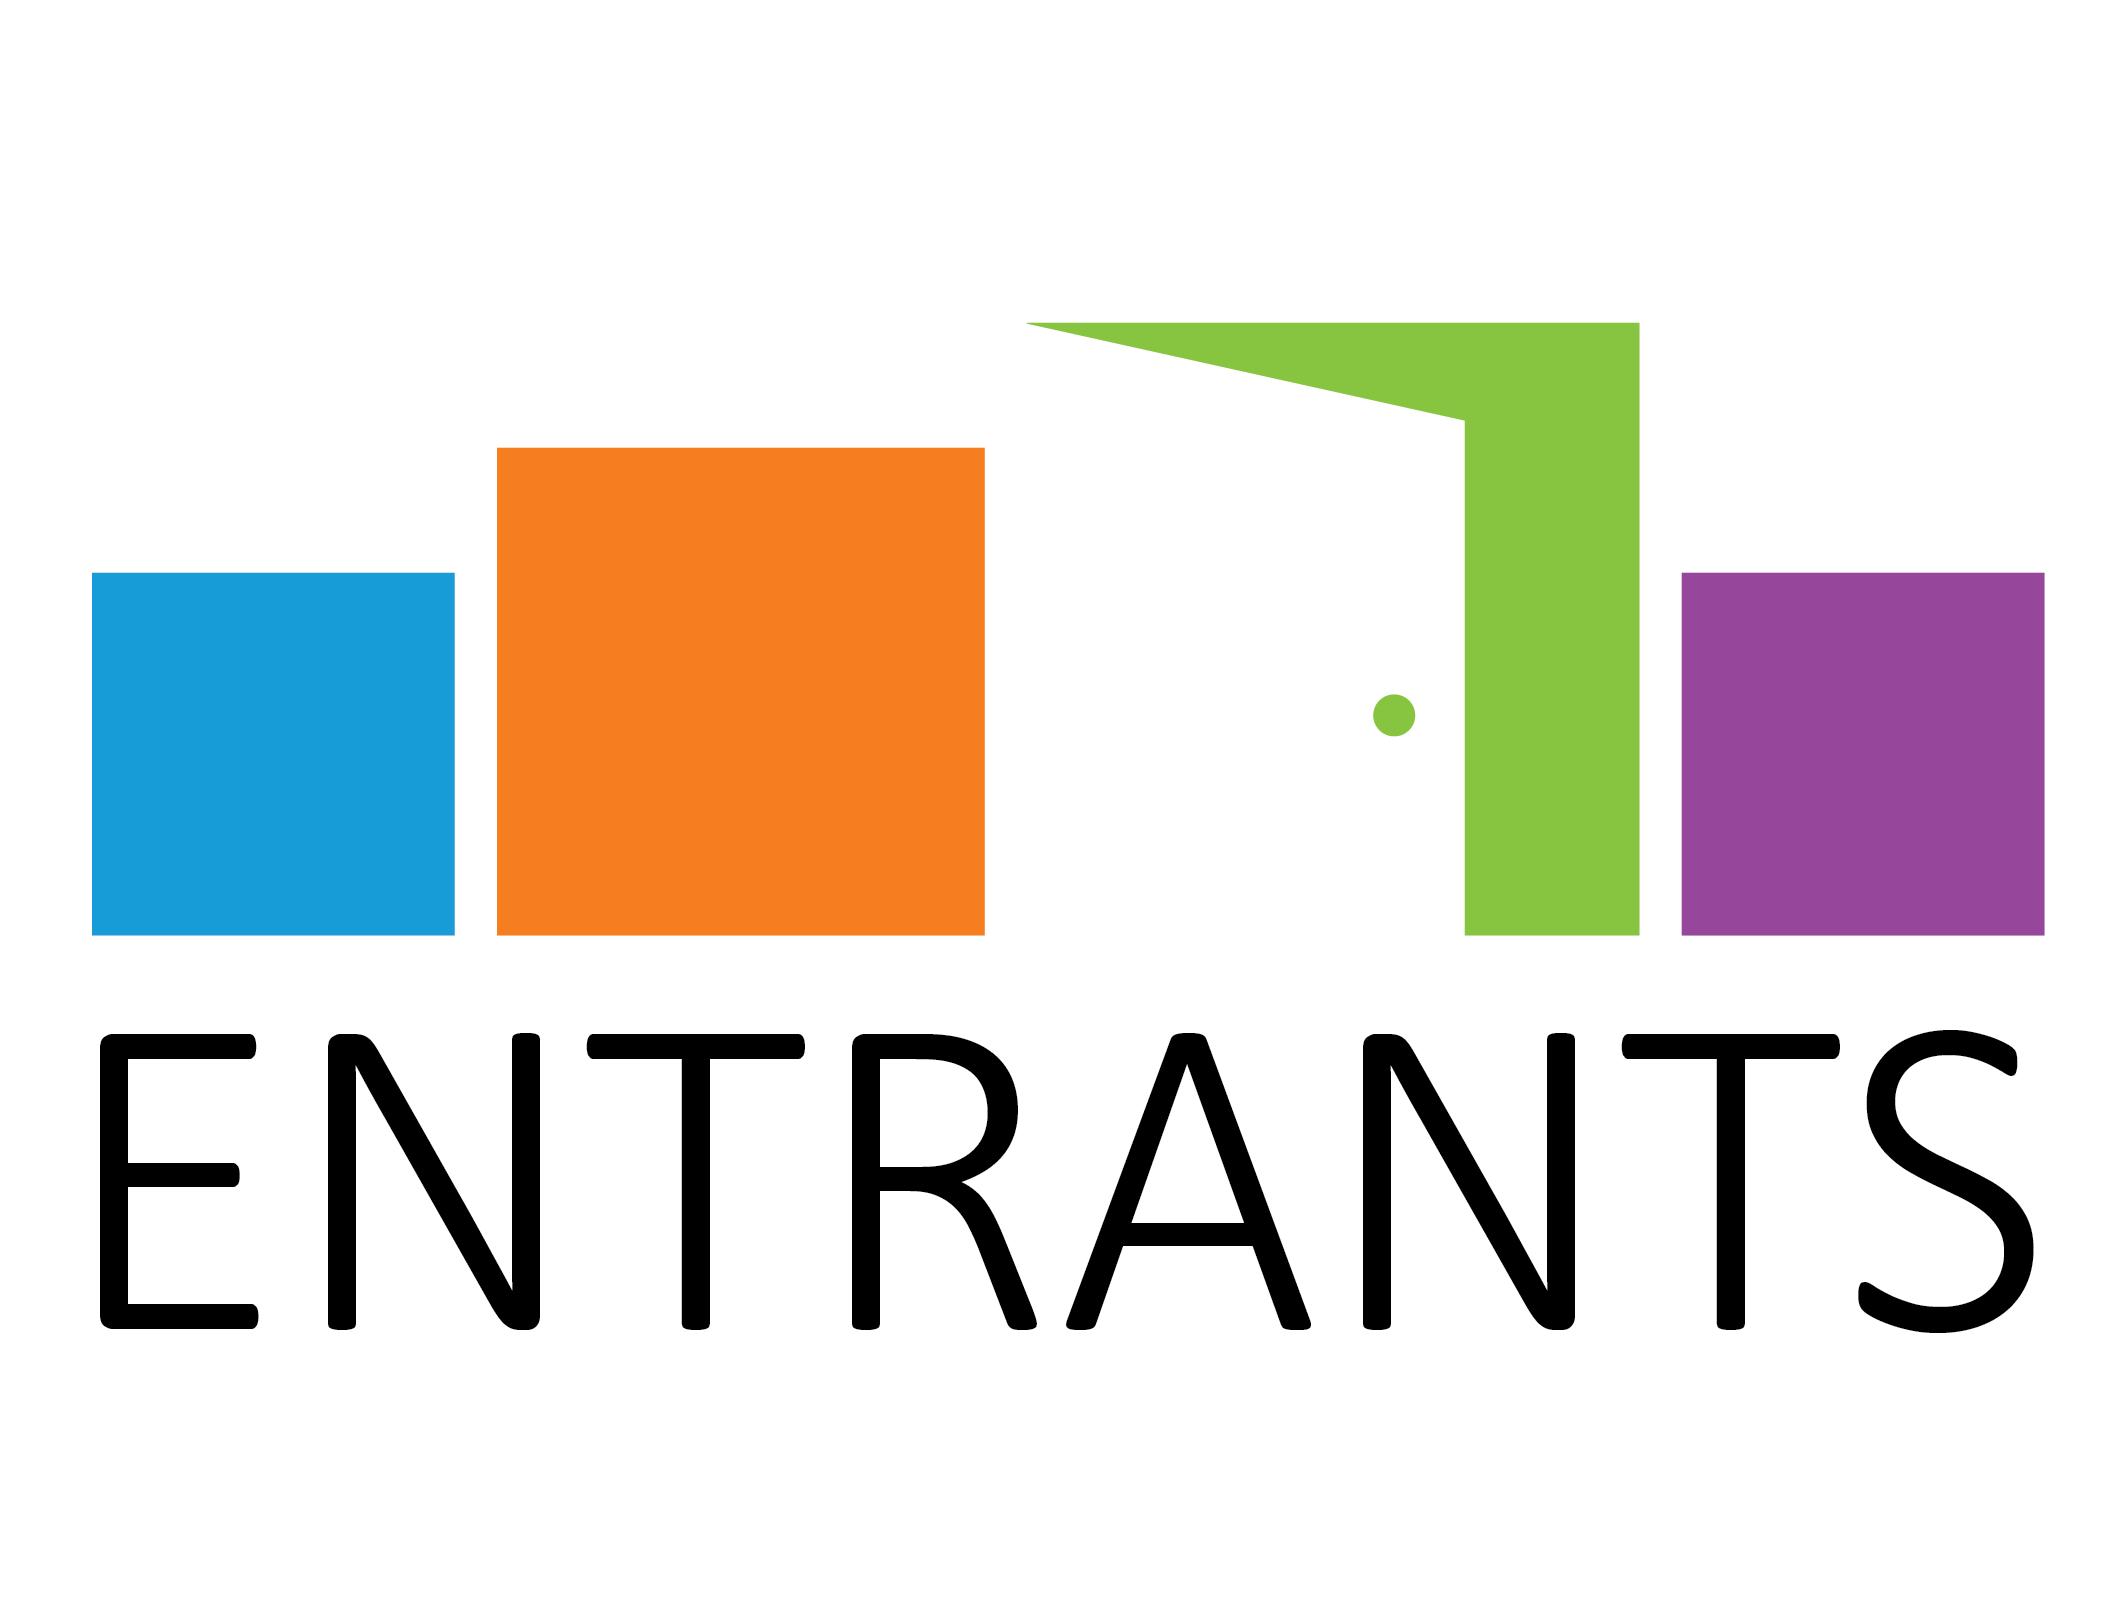 ENTRANTS